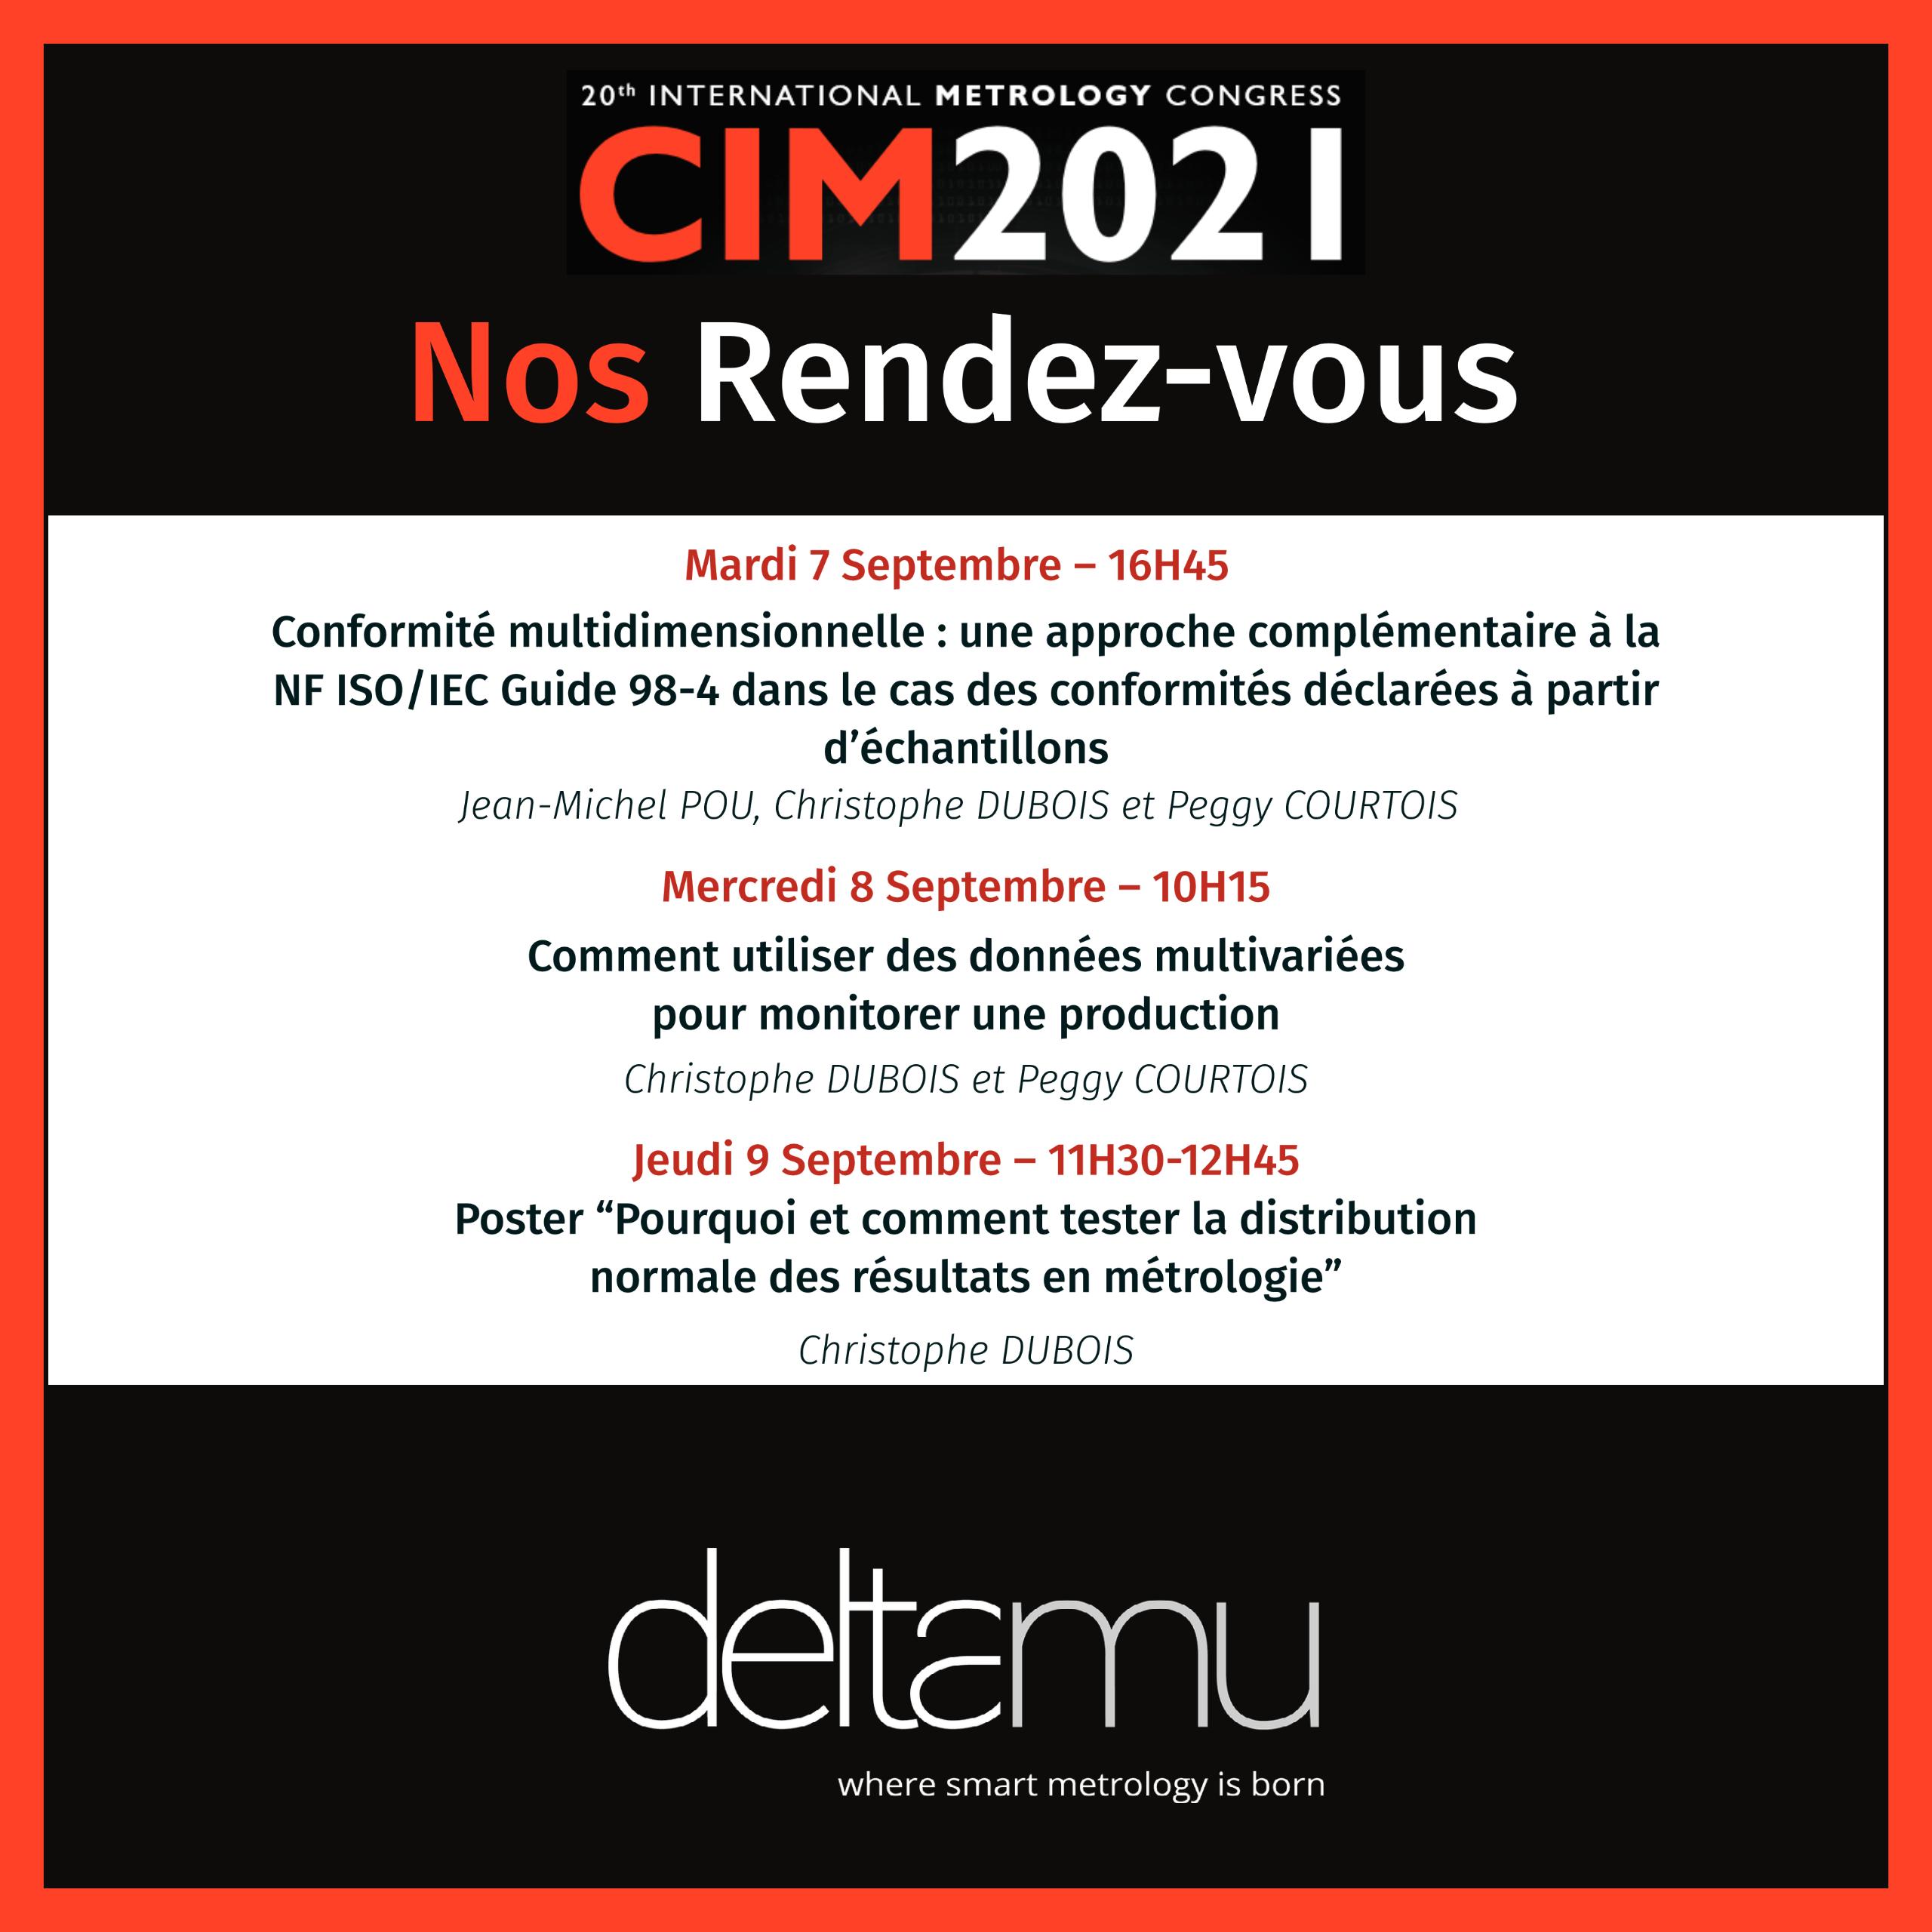 les rendez-vous deltamu au CIM 2021